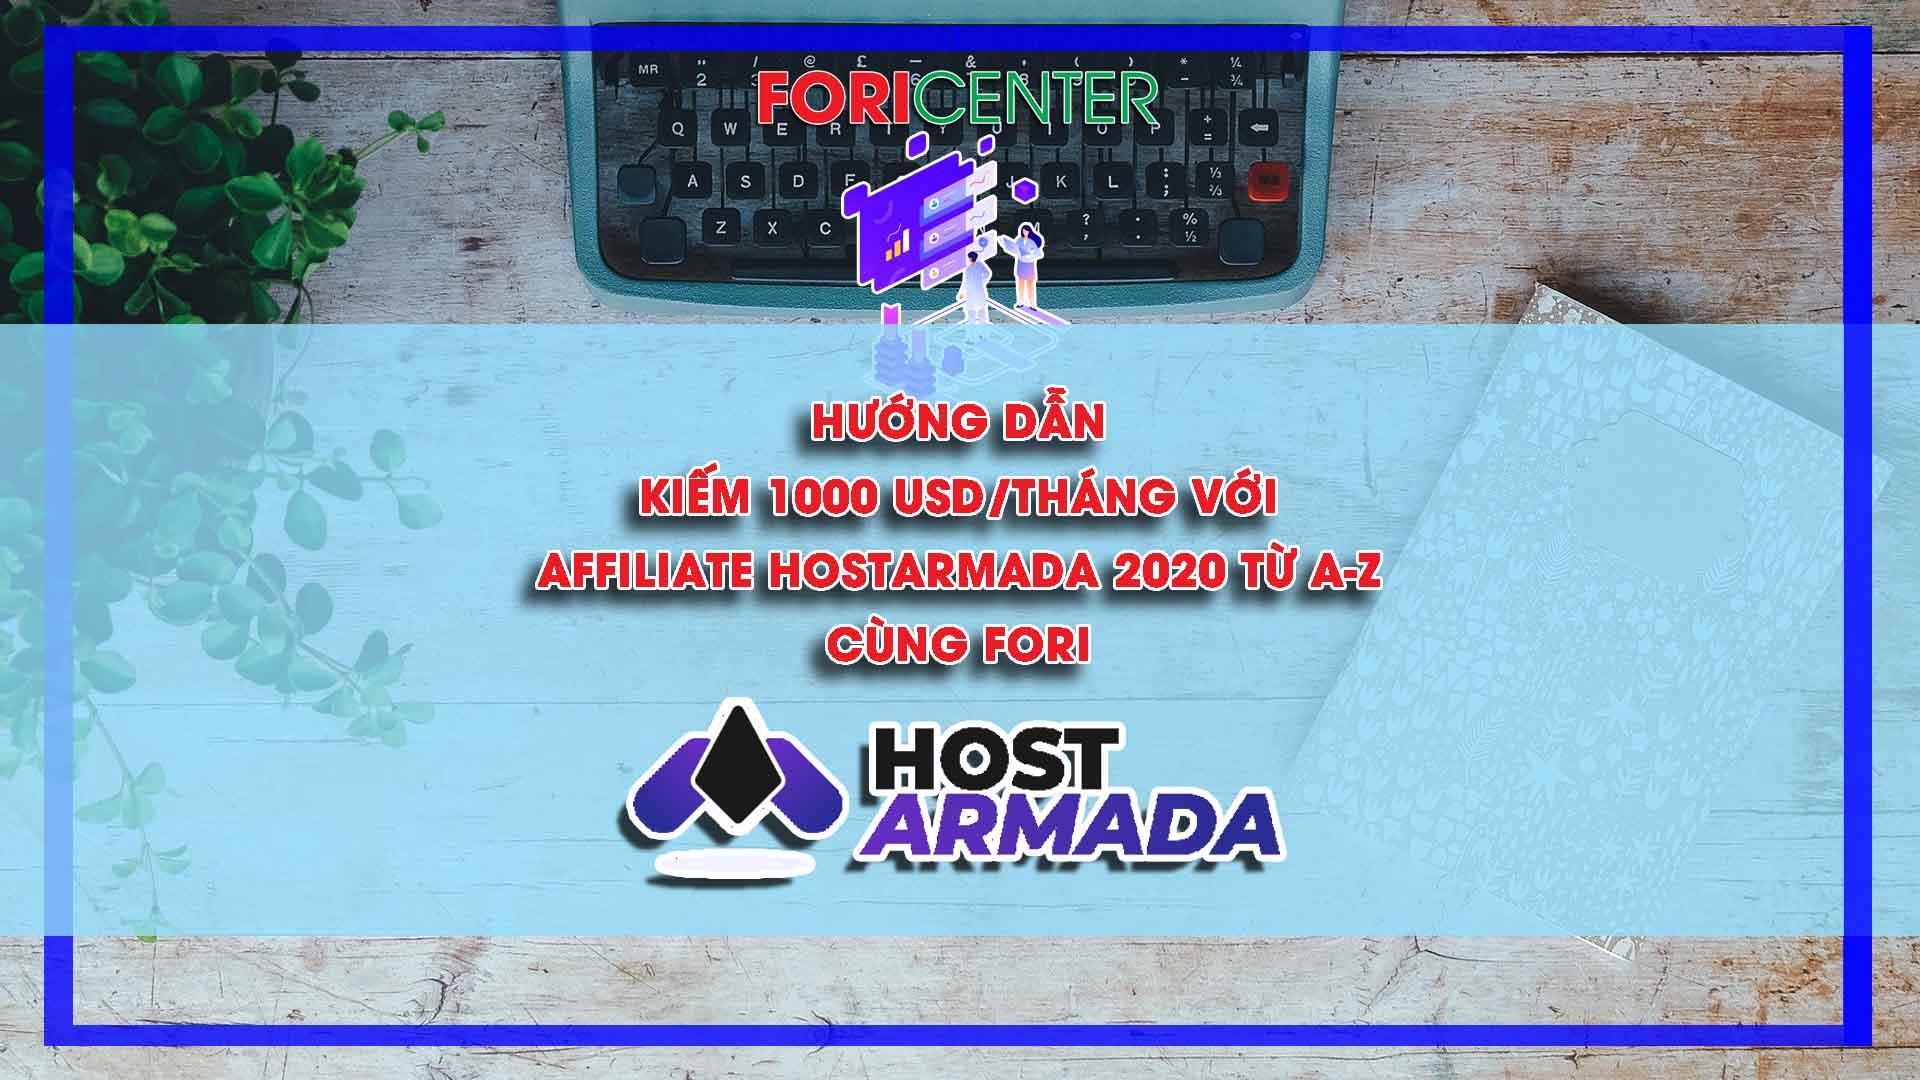 Hướng dẫn kiếm 1000USD/tháng với Affiliate Hostarmada 2020 từ A-Z cùng Fori